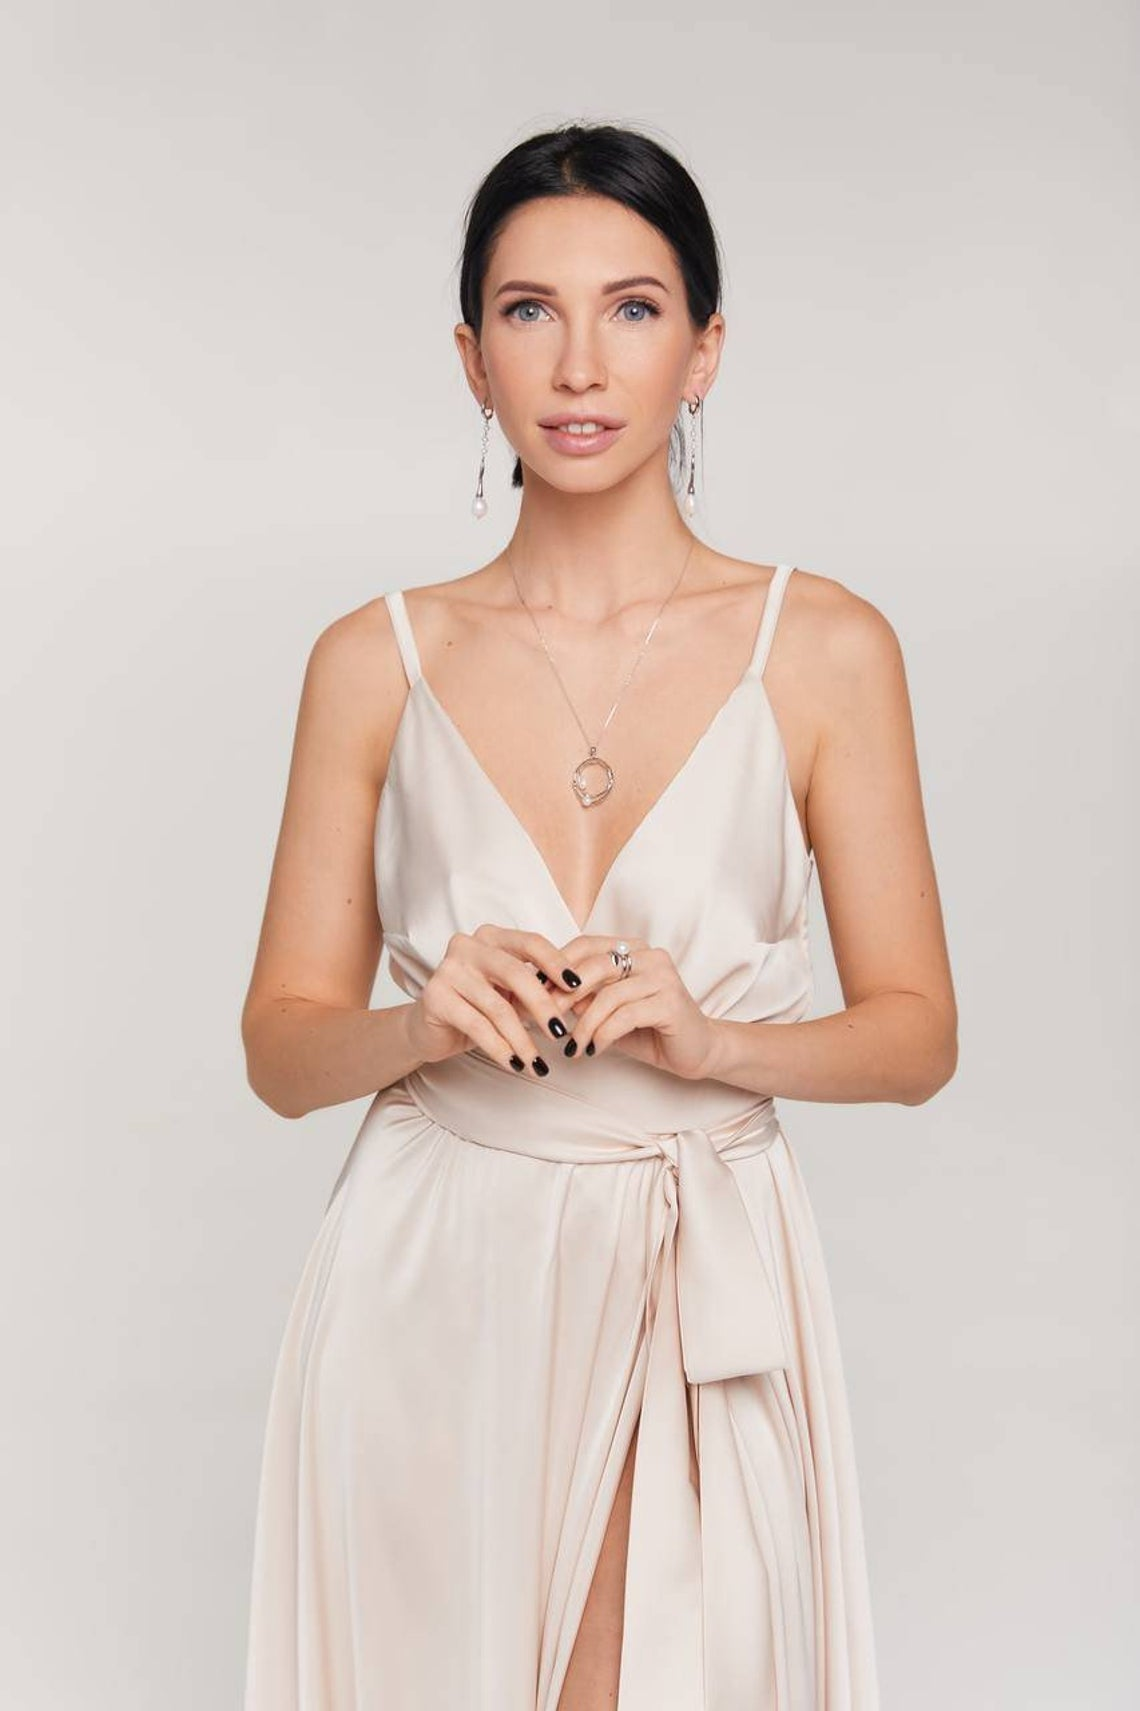 Champagne bridesmaid dress/silk A-line maxi wrap dress/wedding guest dress/evening dress/formal dress/prom dress/beach wedding dress